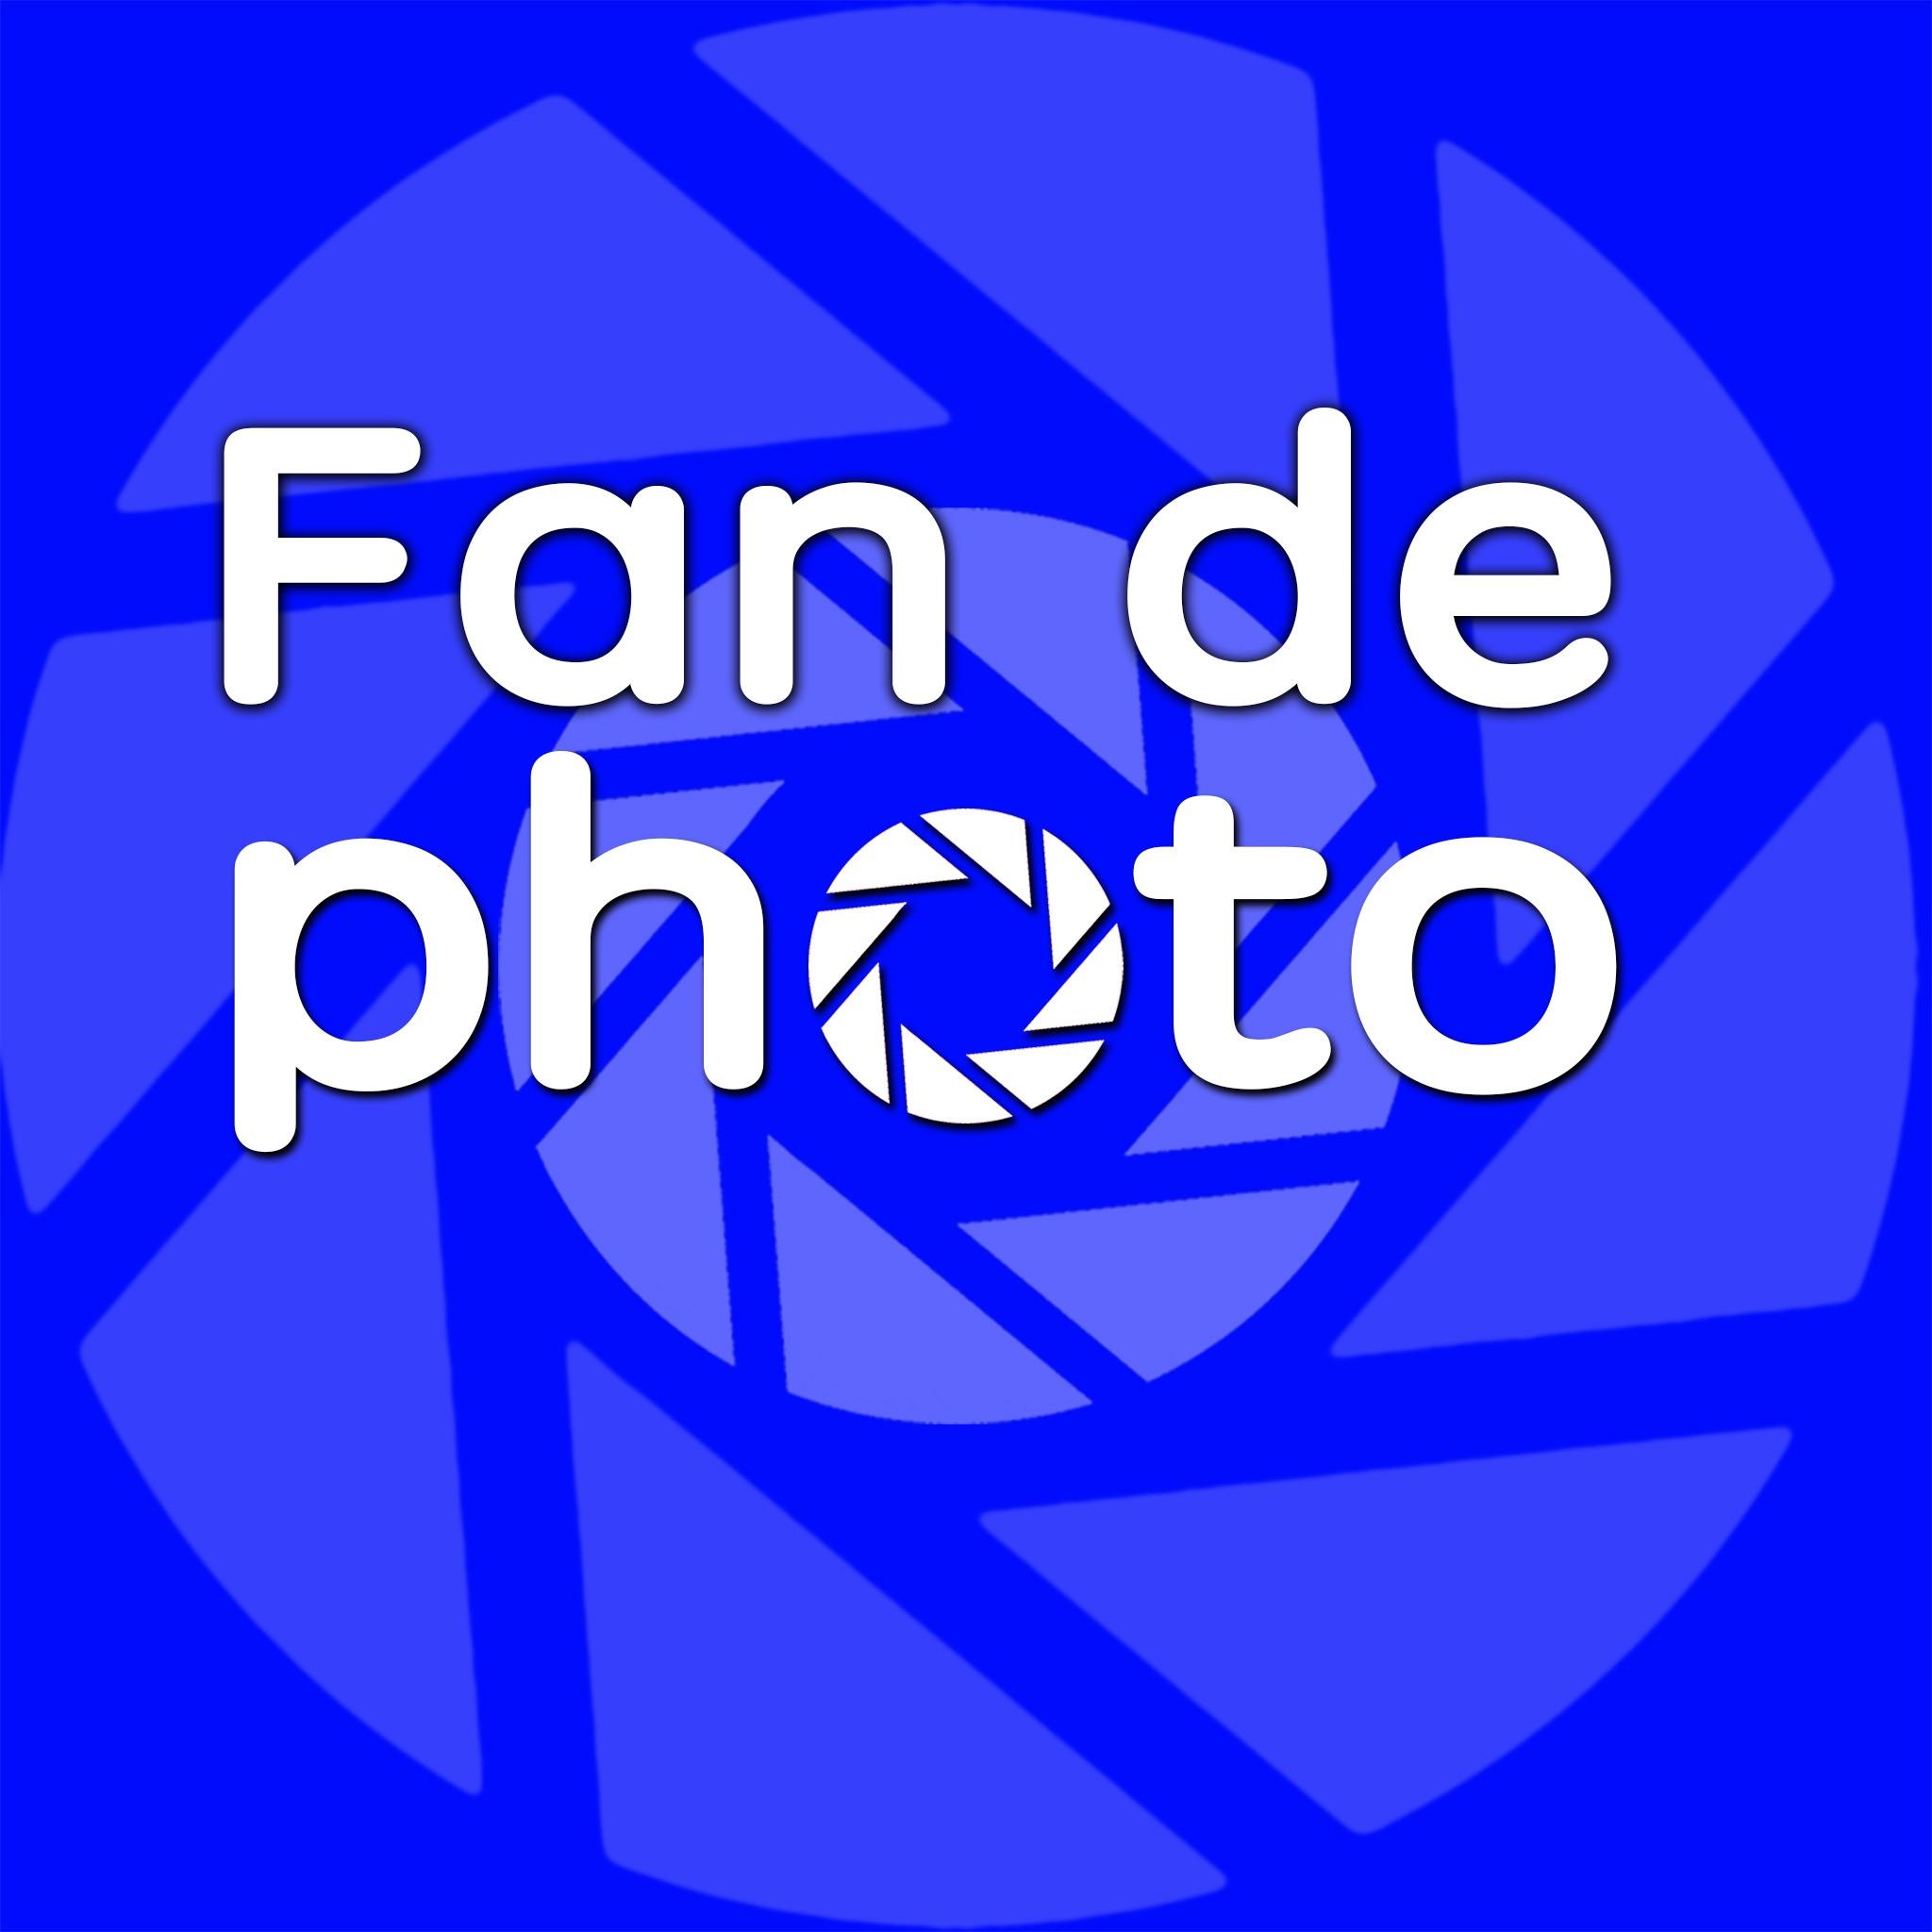 Fan de photo